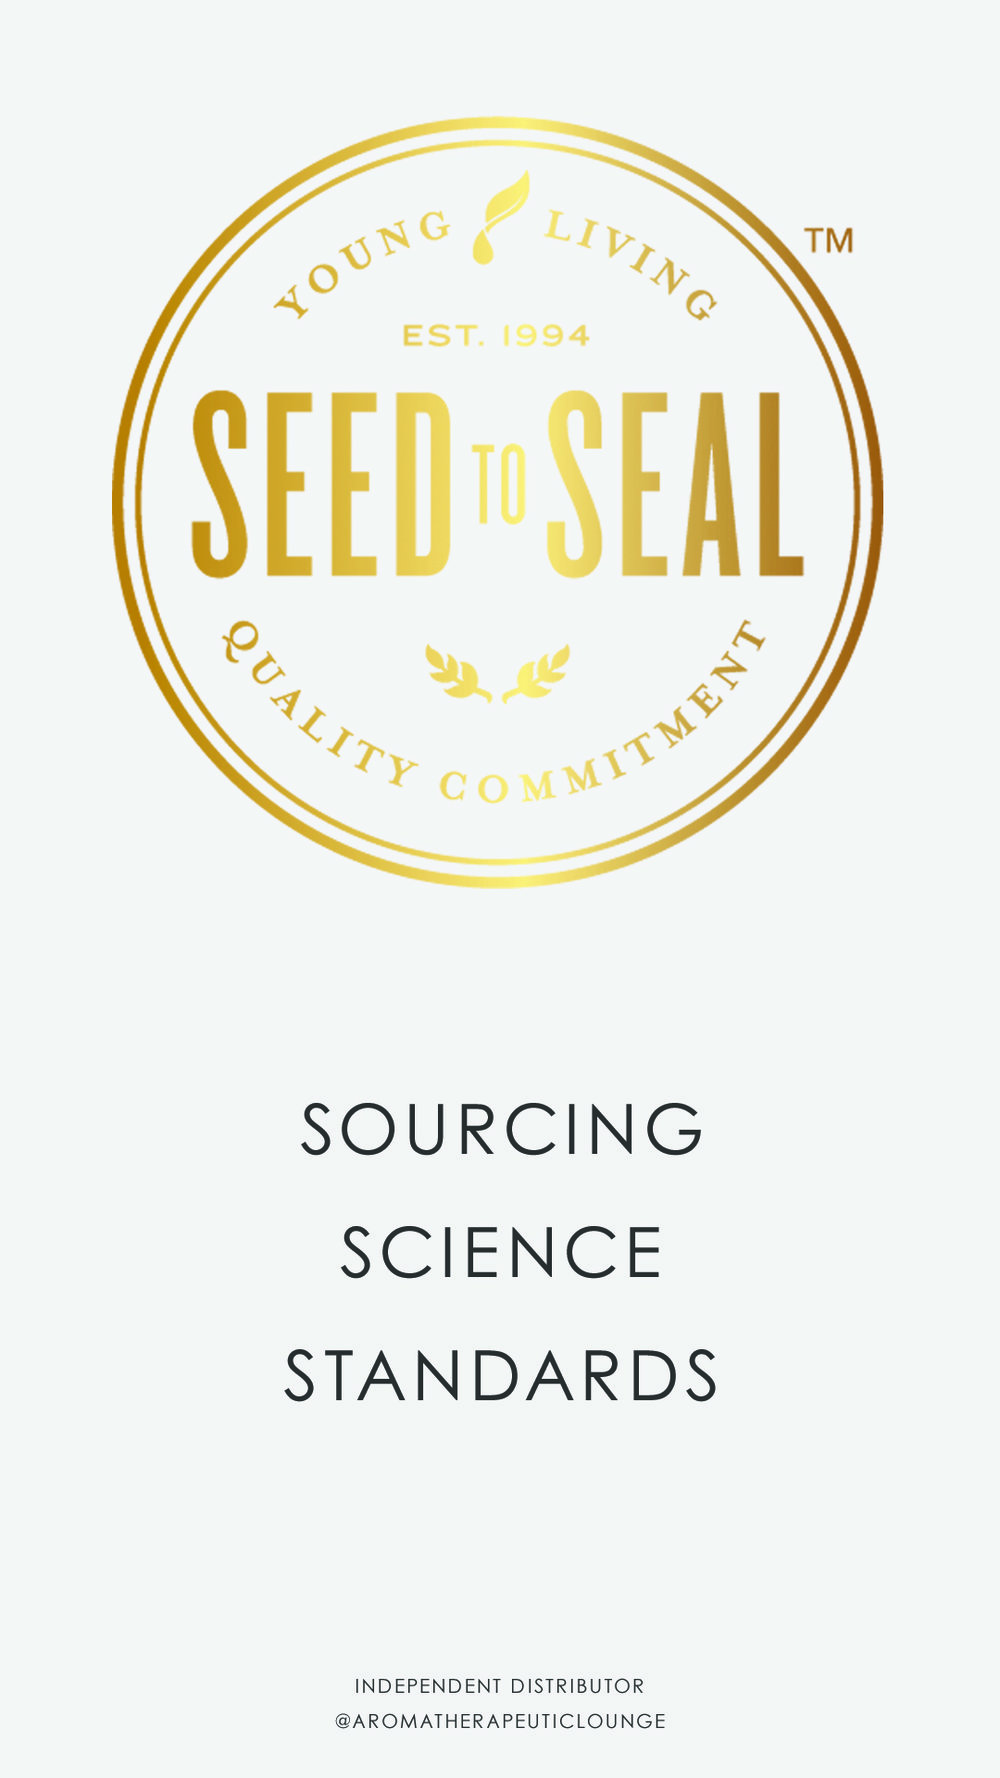 Slide 2_US PSK Story_Seed to Seal.jpg